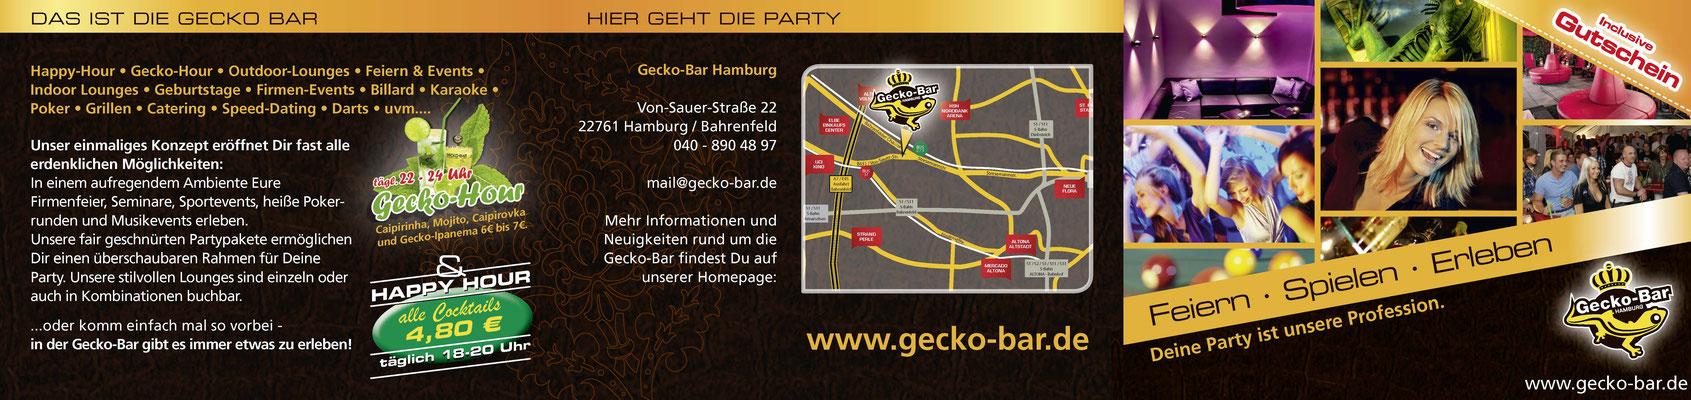 Gecko Bar - Flyer Dreifach Falz - Innenseite 4 - Rücktitel - Titel